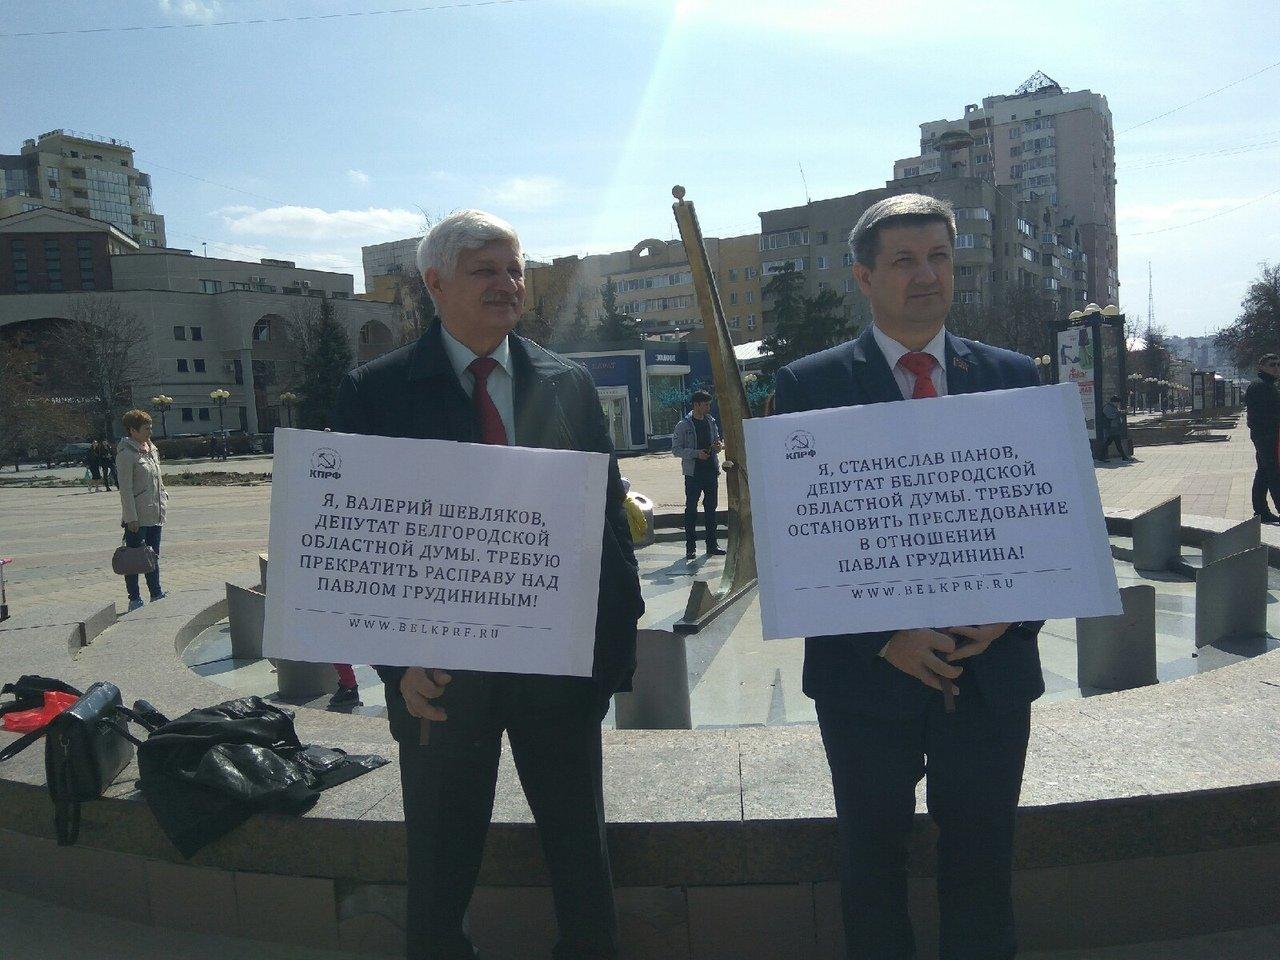 Белгородские депутаты вышли на пикет в защиту Павла Грудинина